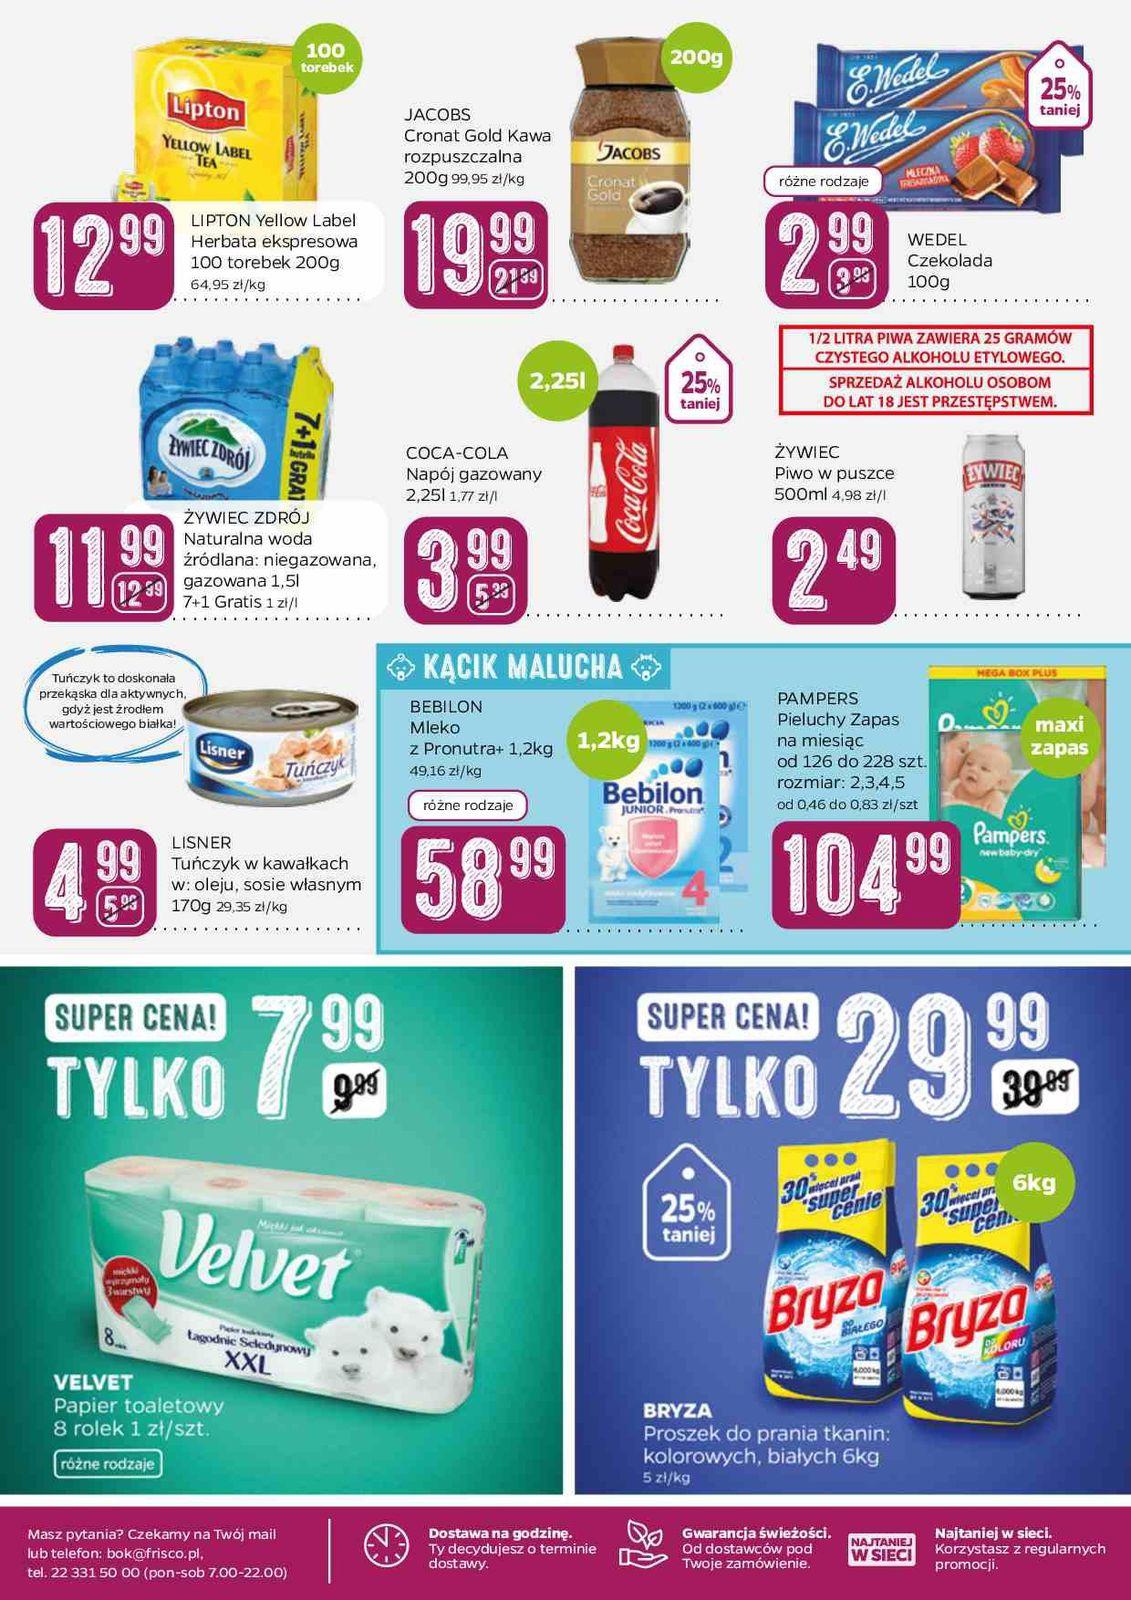 Gazetka promocyjna Frisco.pl do 22/05/2016 str.3